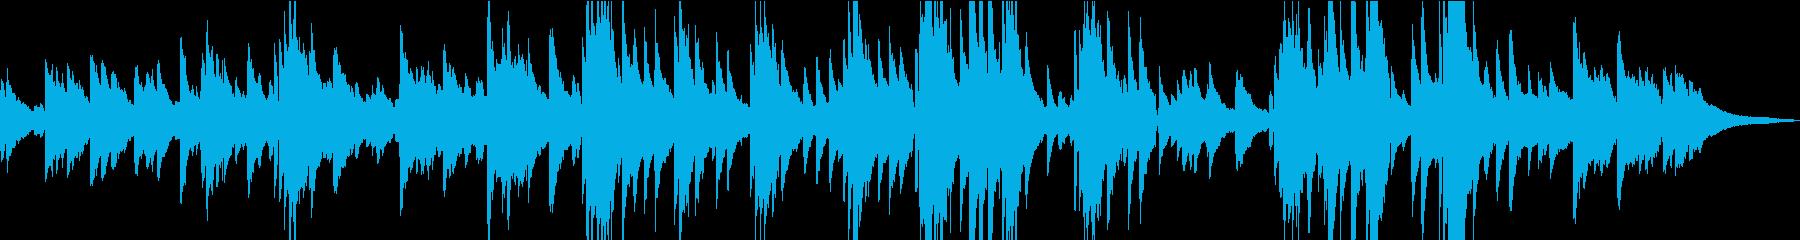 夜明けをイメージしたピアノ曲の再生済みの波形